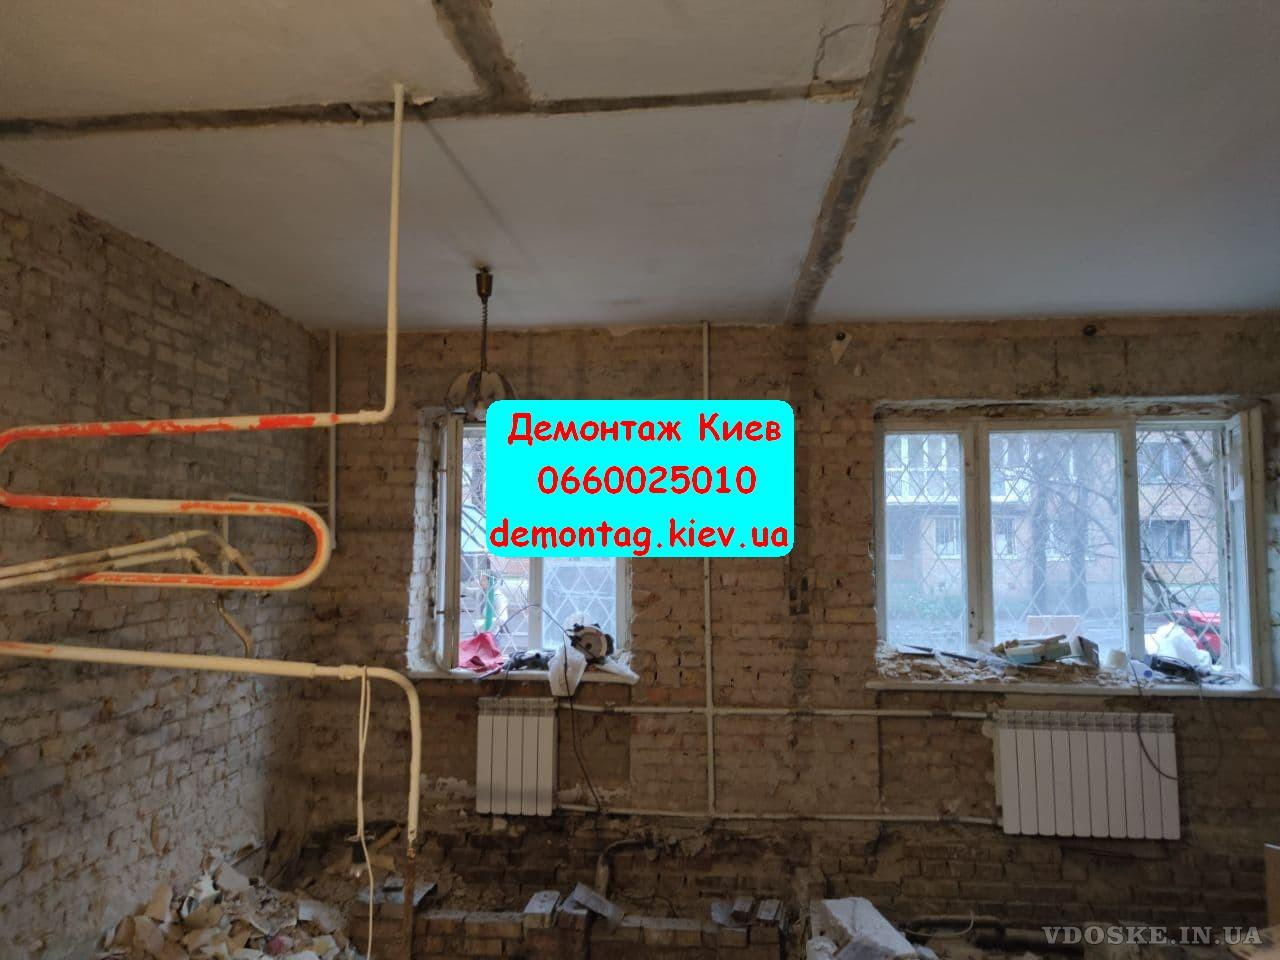 Демонтажные работы. Демонтаж. Демонтаж квартиры, пола, стен, перегородок (3)